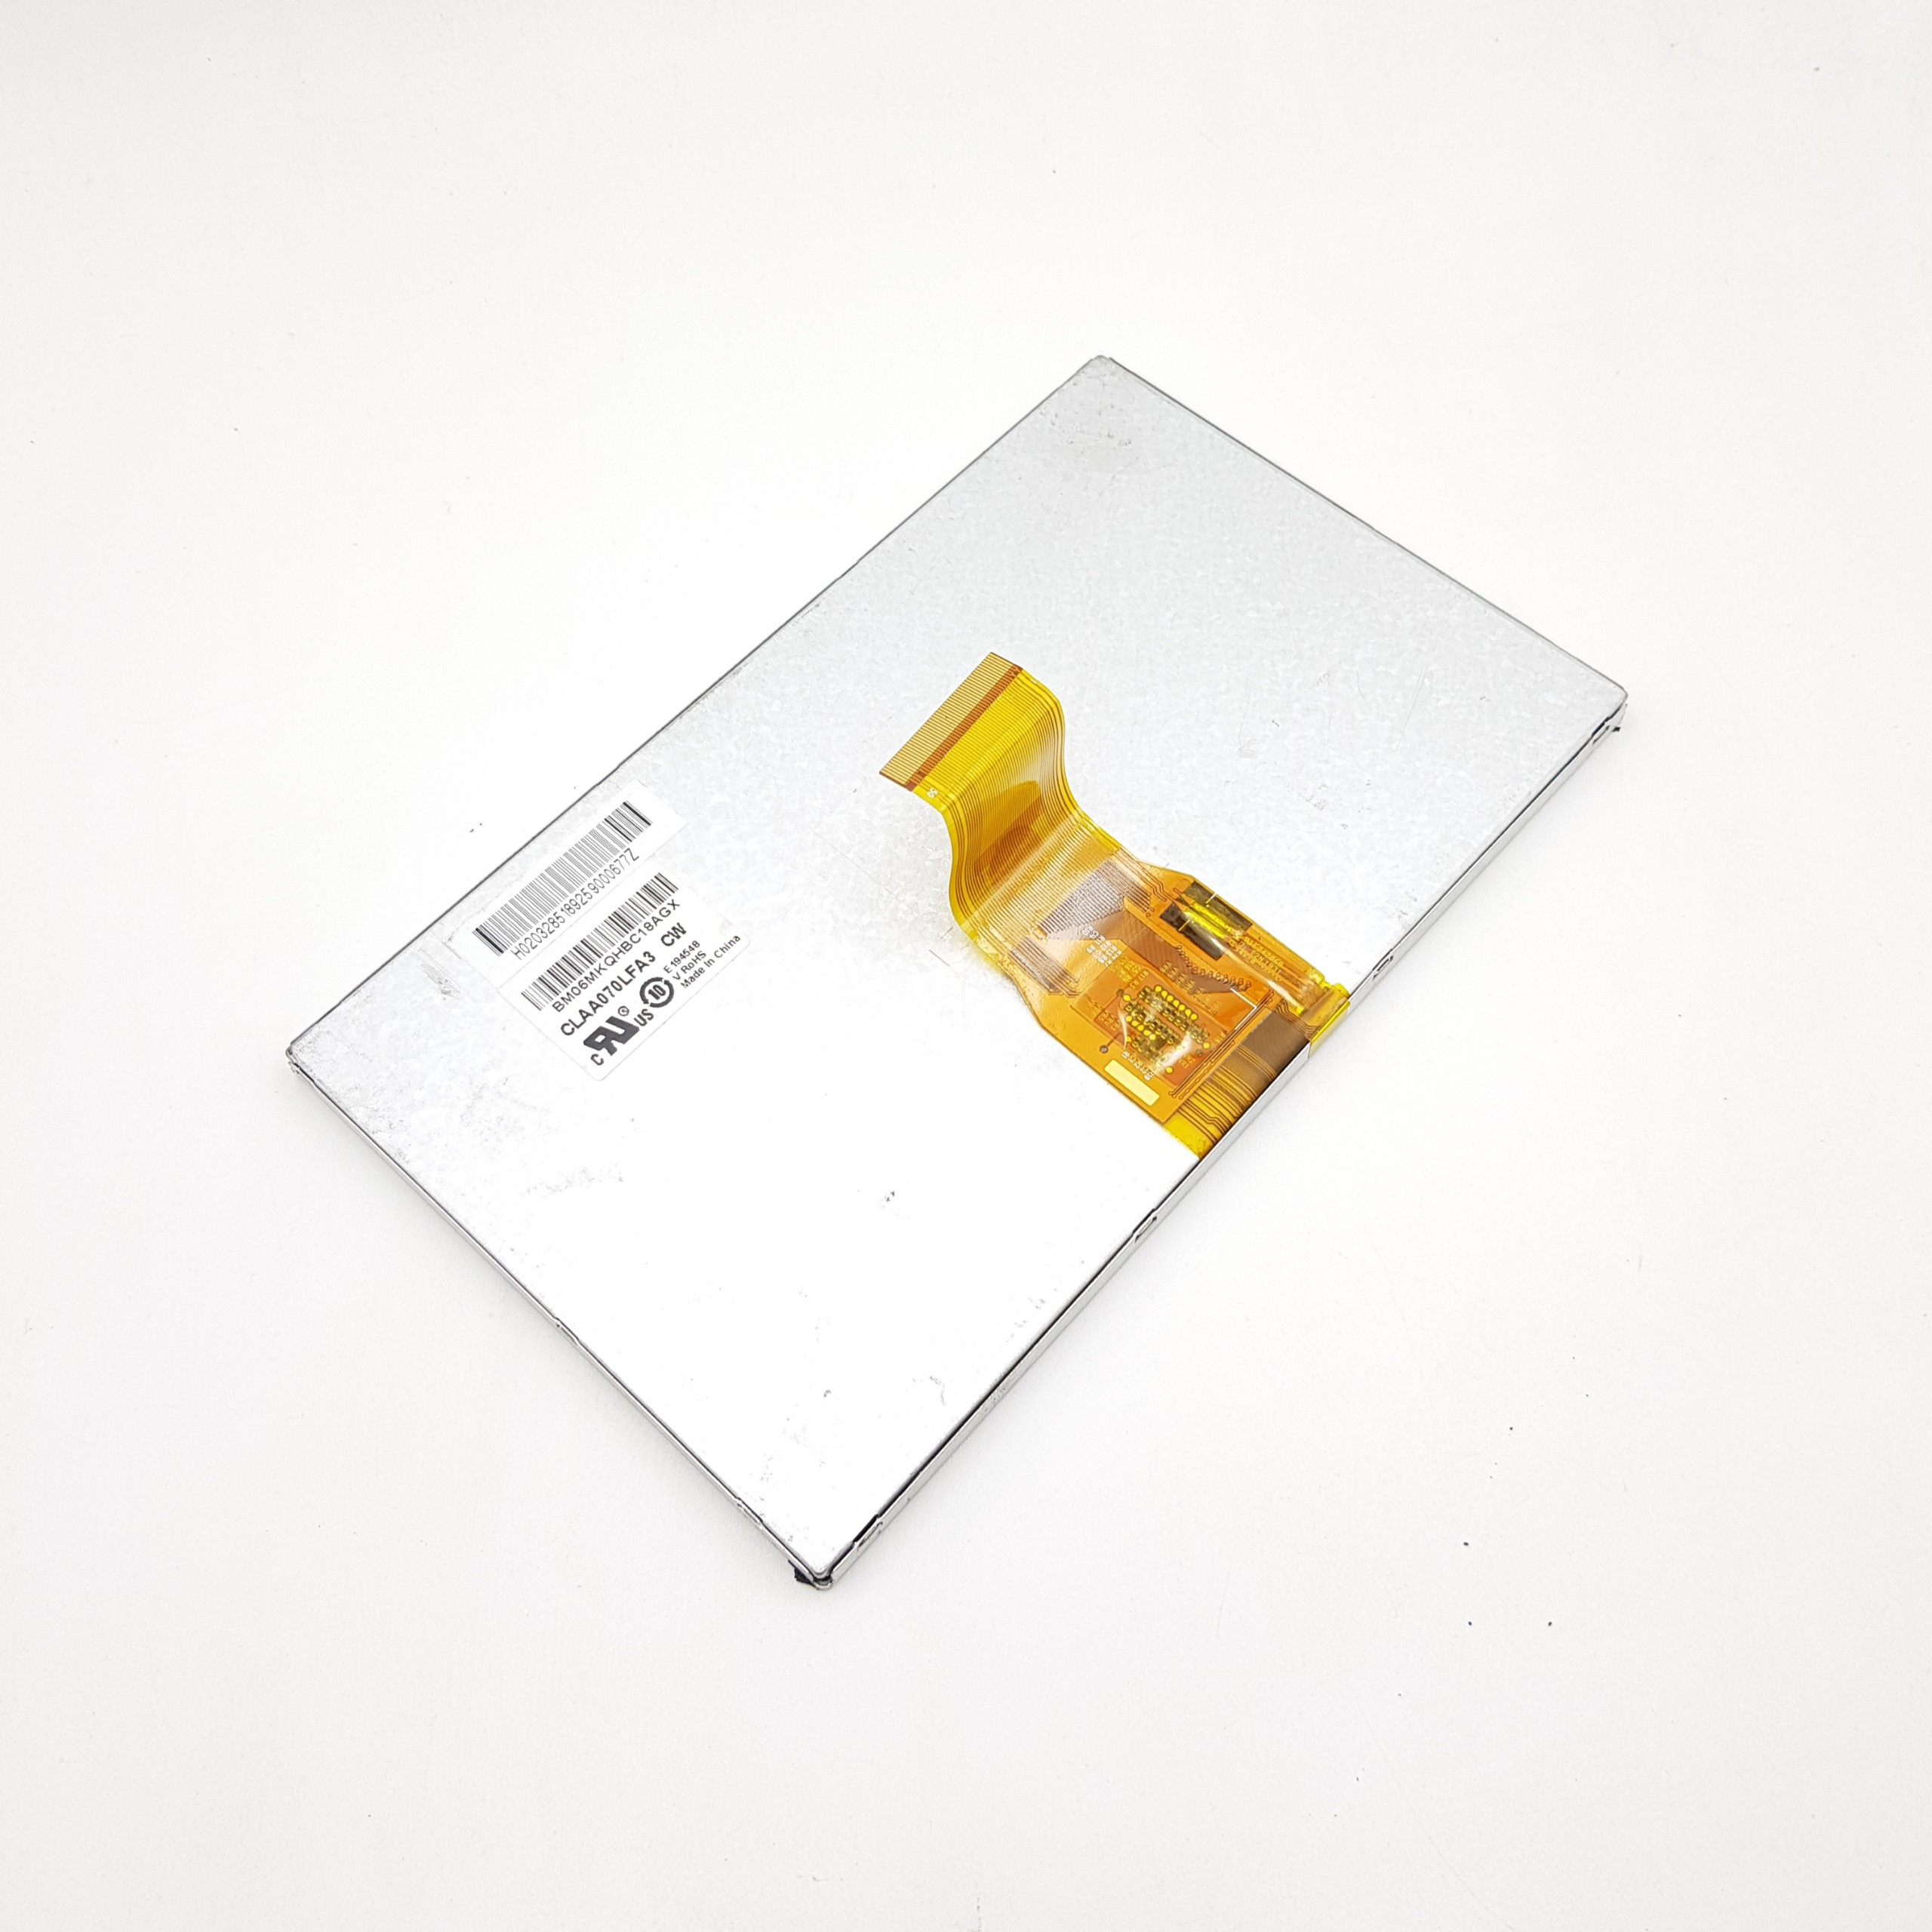 CLAA070LFA3 CW LCD màn hình hiển thị cho máy hiện sóng HANTEK DSO